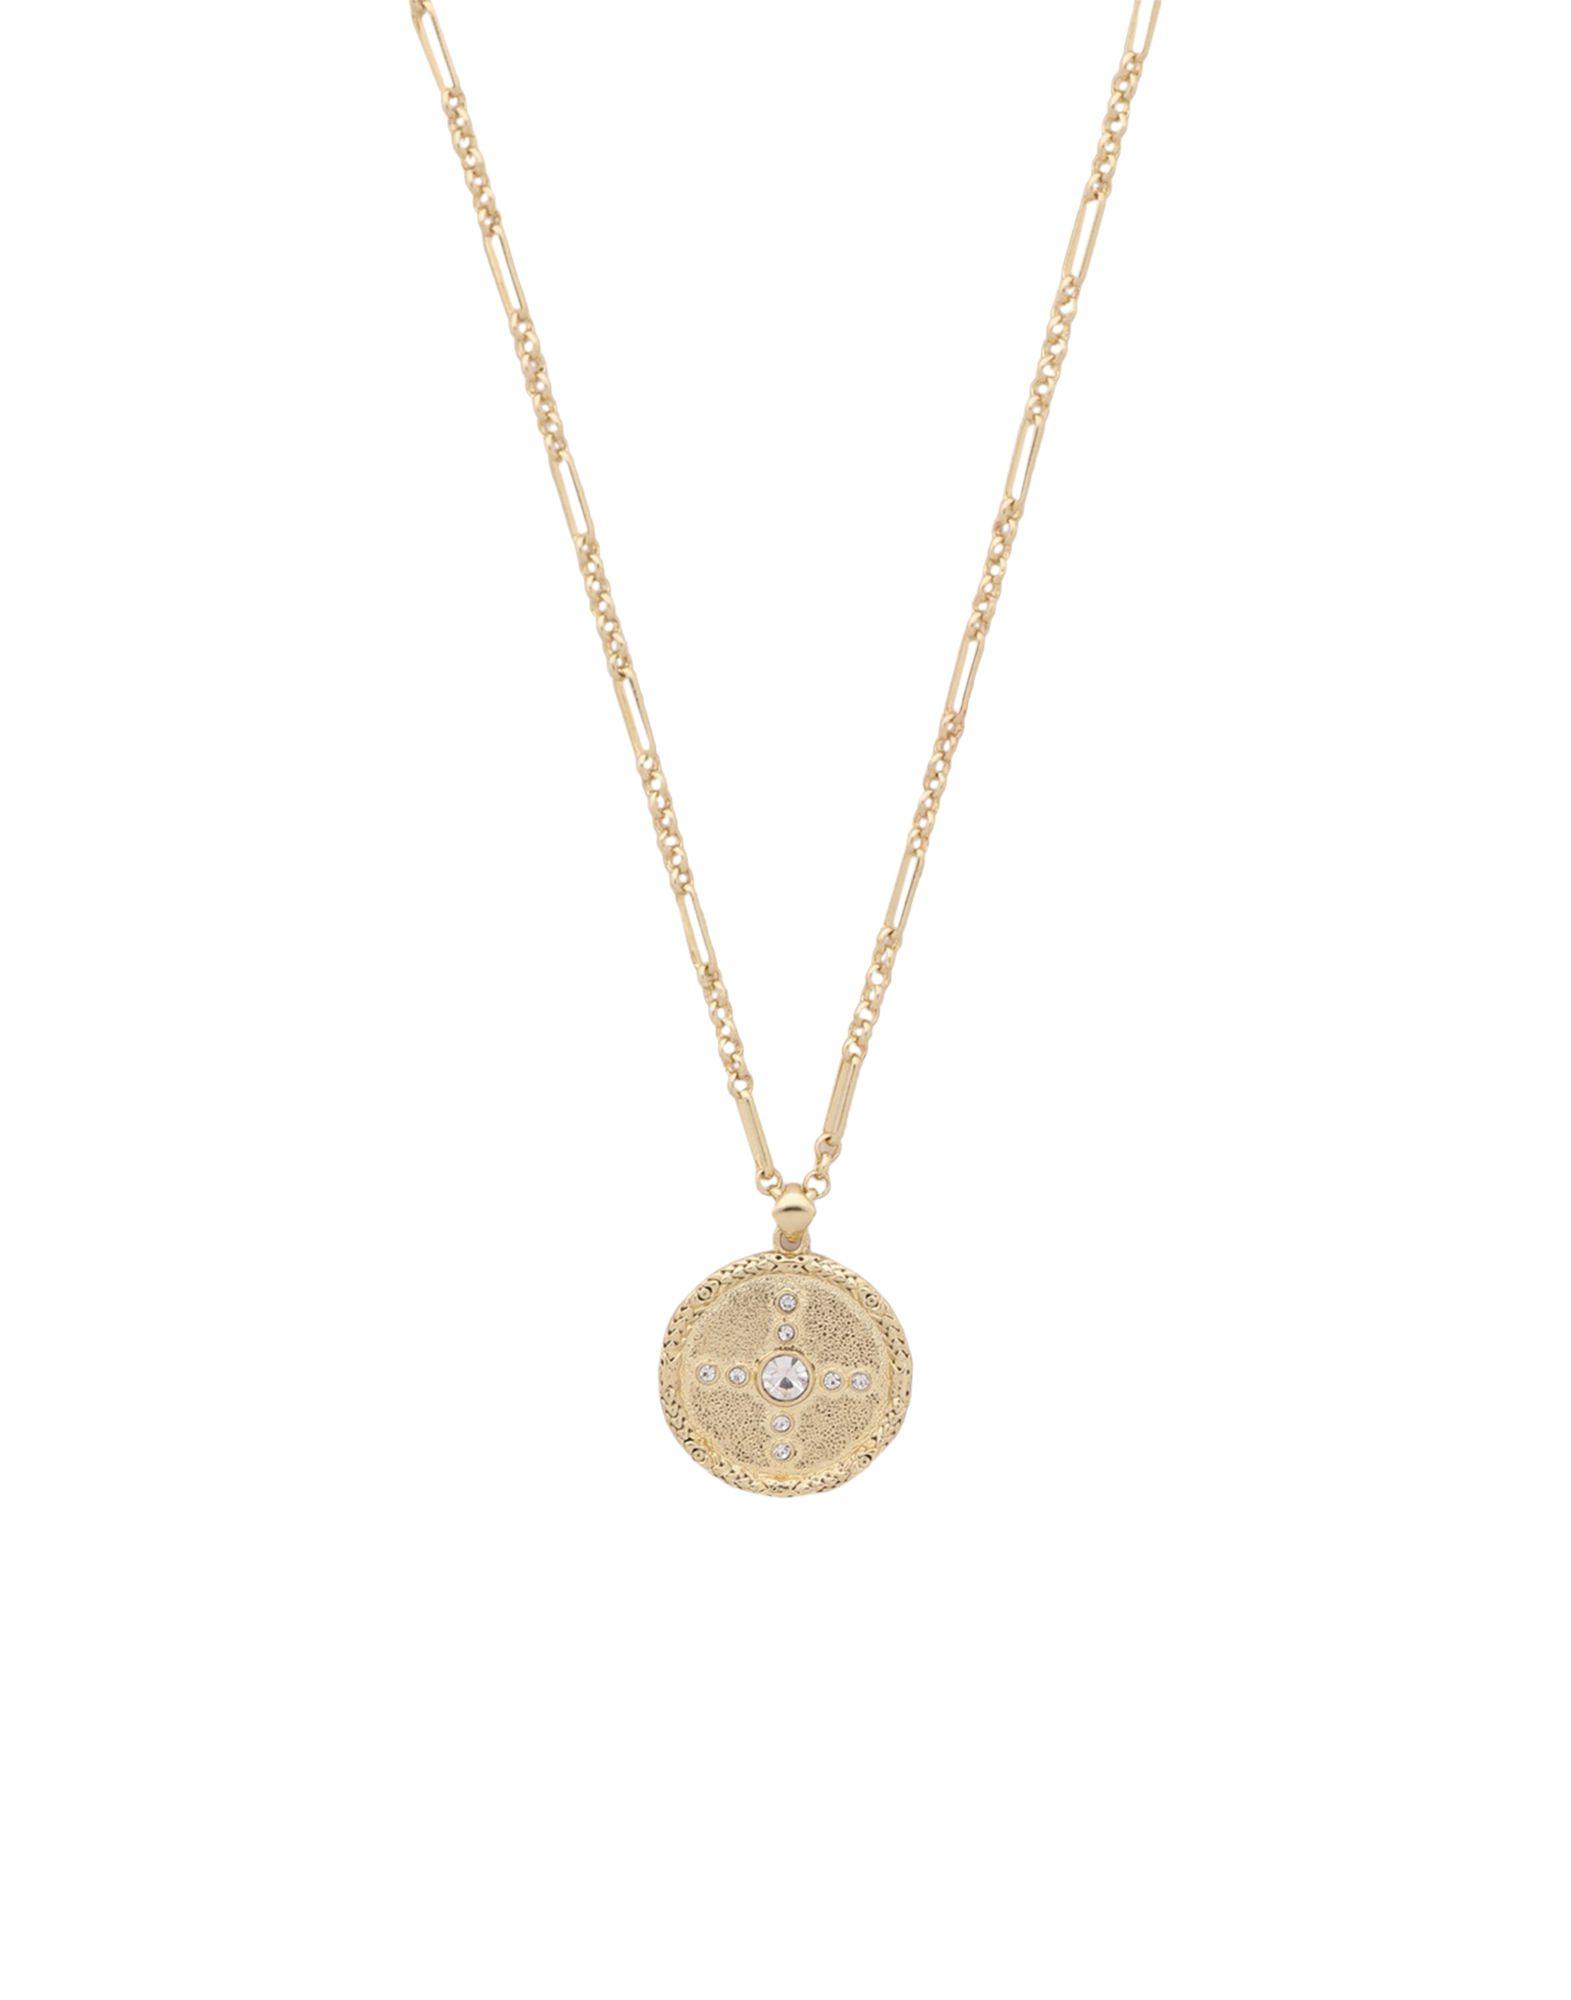 《セール開催中》LUV AJ レディース ネックレス ゴールド 真鍮/ブラス / クリスタル PAVE POLARIS CHARM NECKLACE